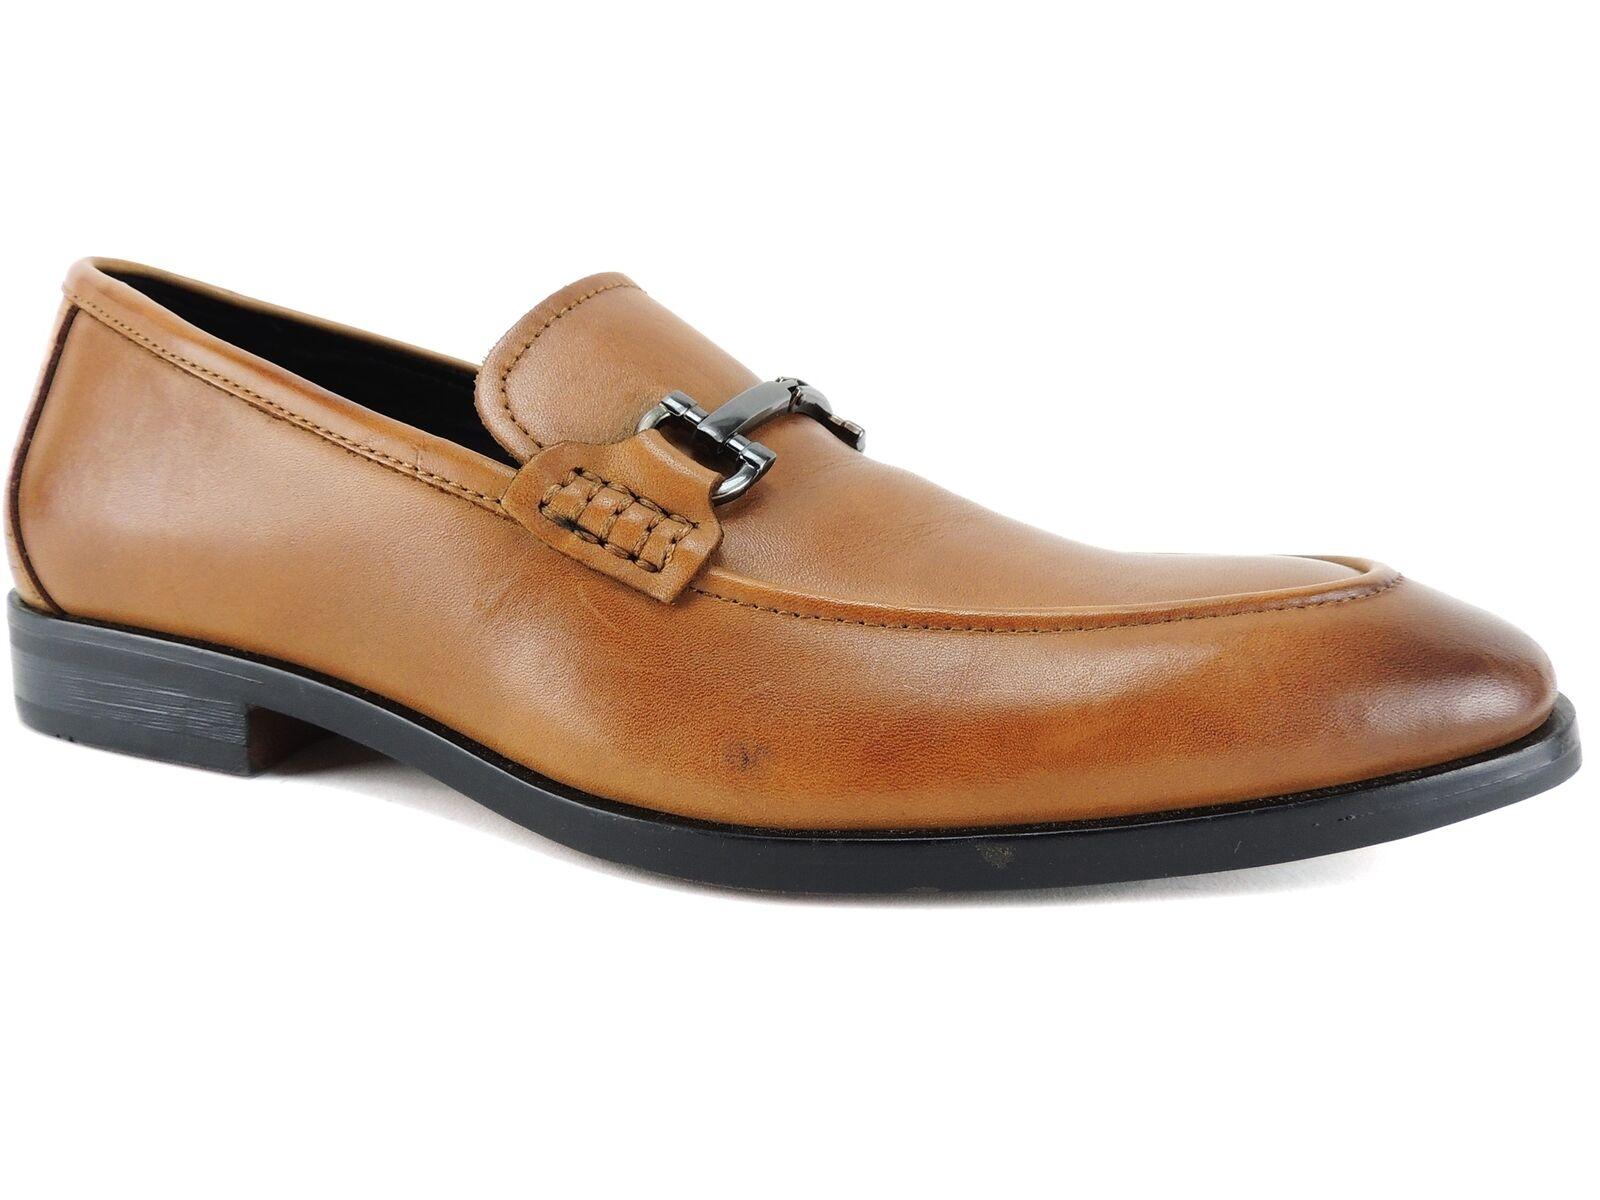 consegna veloce e spedizione gratuita per tutti gli ordini Alfani Uomo Chandler Moc-Toe Loafers Tan Leather Dimensione 8.5 M M M  lo stile classico